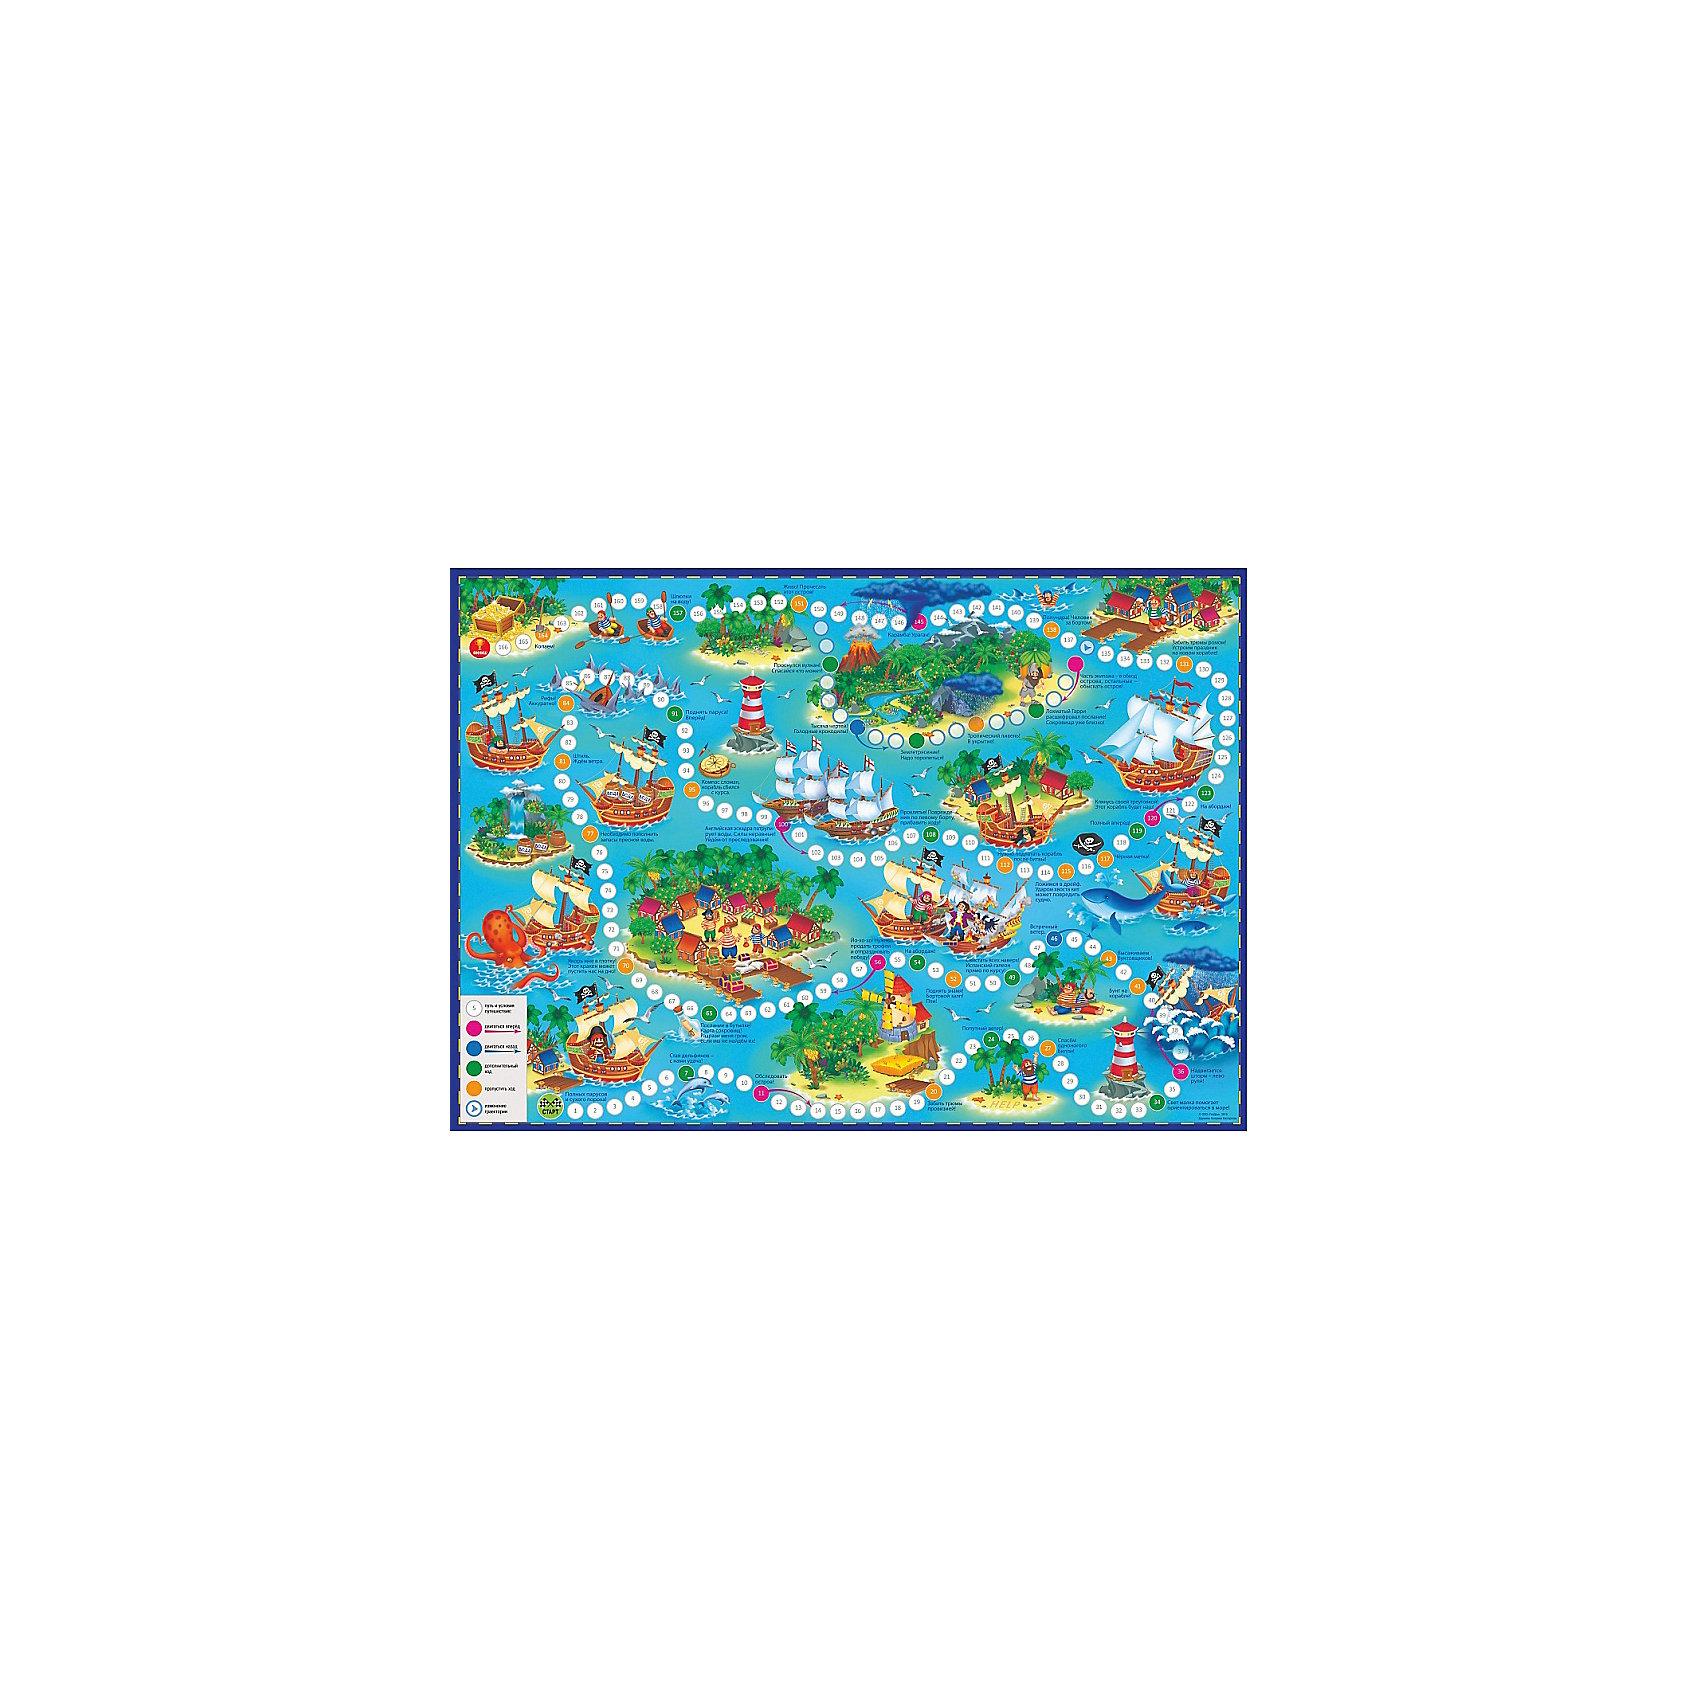 Игра-ходилка с фишками В поисках сокровищ. ПиратыНастольные игры<br>Характеристики товара:<br><br>• возраст от 6 лет;<br>• материал: картон;<br>• количество игроков: от 2 до 4<br>• время одной игры: от 20 минут<br>• в комплекте: игровое поле, 4 фишки, кубик;<br>• размер игрового поля 59х42 см;<br>• размер упаковки 31х23х2 см;<br>• страна производитель: Россия.<br><br>Игра-ходилка «В поисках сокровищ. Пираты» ГеоДом — классическая игра ходилка для детей, в которой они отправятся на поиски загадочных сокровищ. Бросая кубик, надо продвигаться вперед к заветной цели. А на пути их ждут опасные сражения, глубокие океаны, необитаемые острова. Кто первым найдет сокровища, тот и выиграл.<br><br>Игру-ходилку «В поисках сокровищ. Пираты» ГеоДом можно приобрести в нашем интернет-магазине.<br><br>Ширина мм: 595<br>Глубина мм: 420<br>Высота мм: 50<br>Вес г: 83<br>Возраст от месяцев: 36<br>Возраст до месяцев: 2147483647<br>Пол: Унисекс<br>Возраст: Детский<br>SKU: 5518168